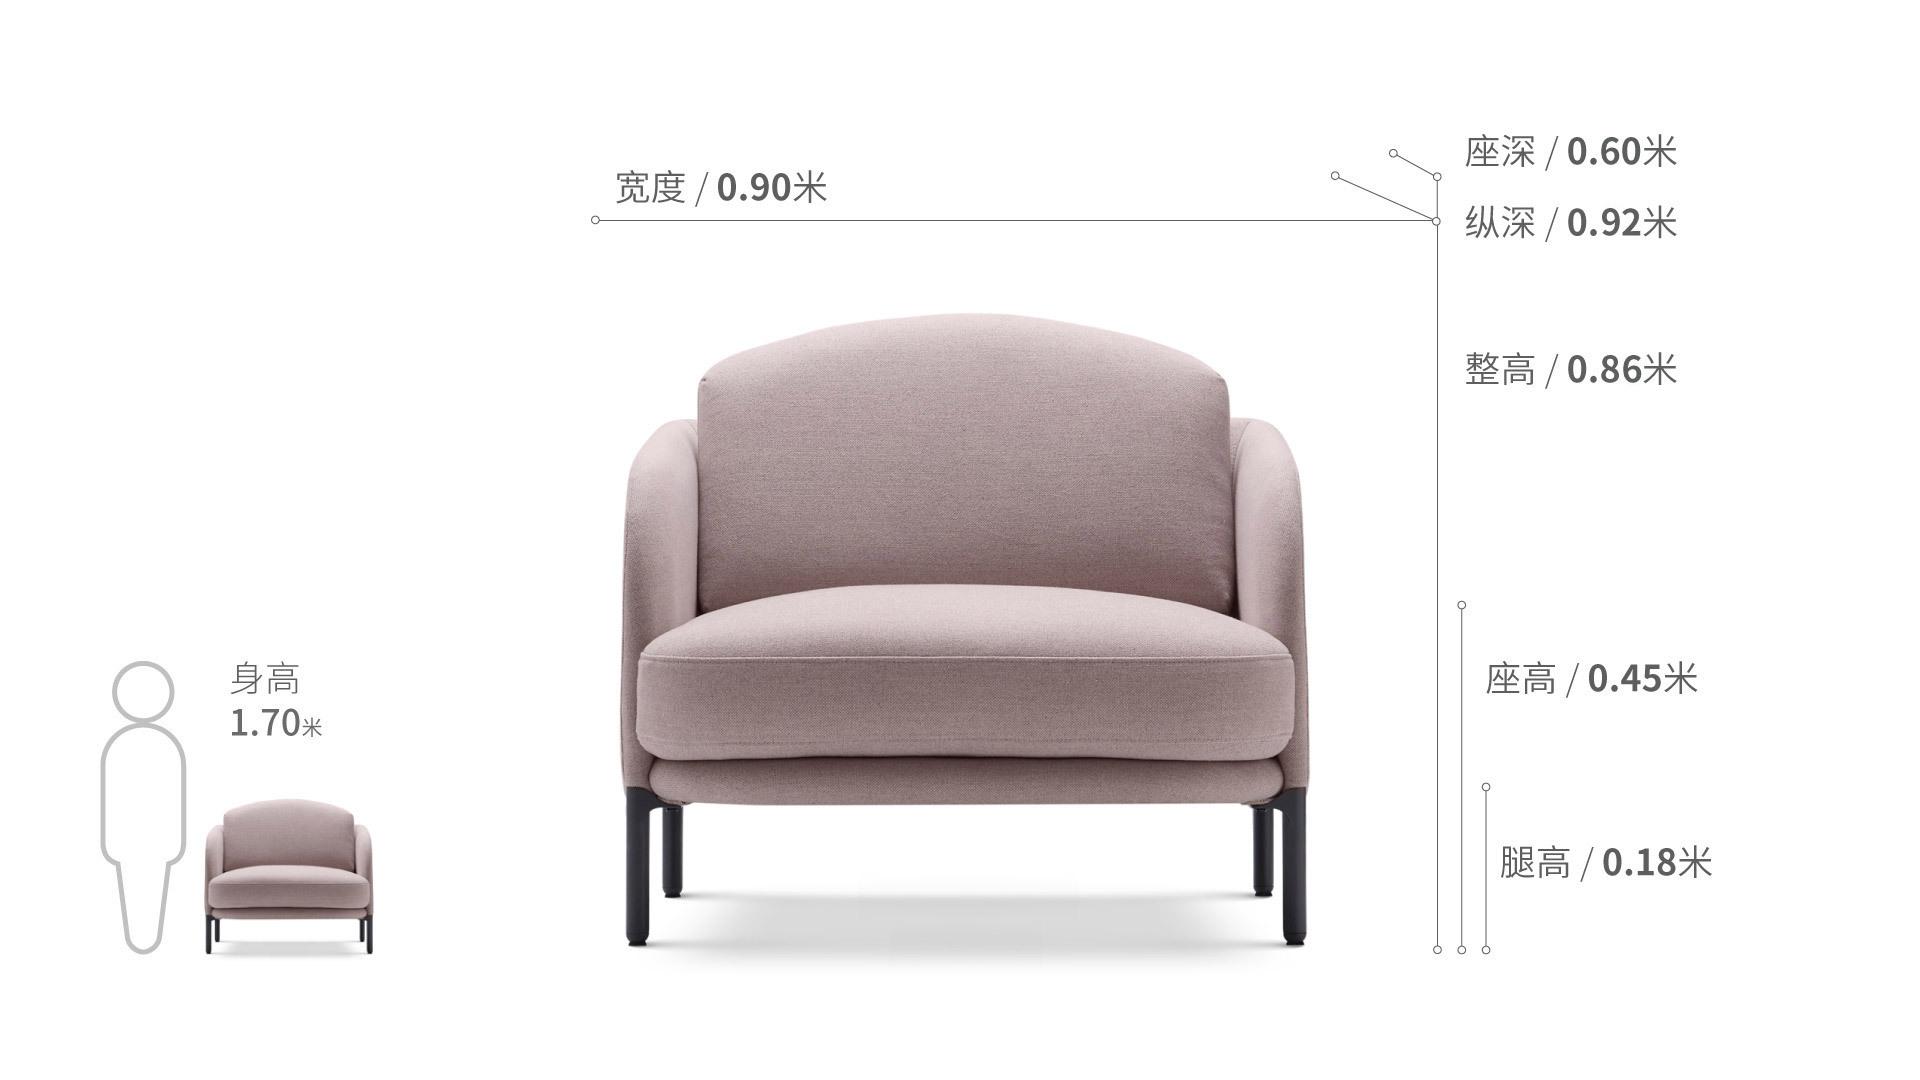 雁翎沙发单人座(经典款)沙发效果图